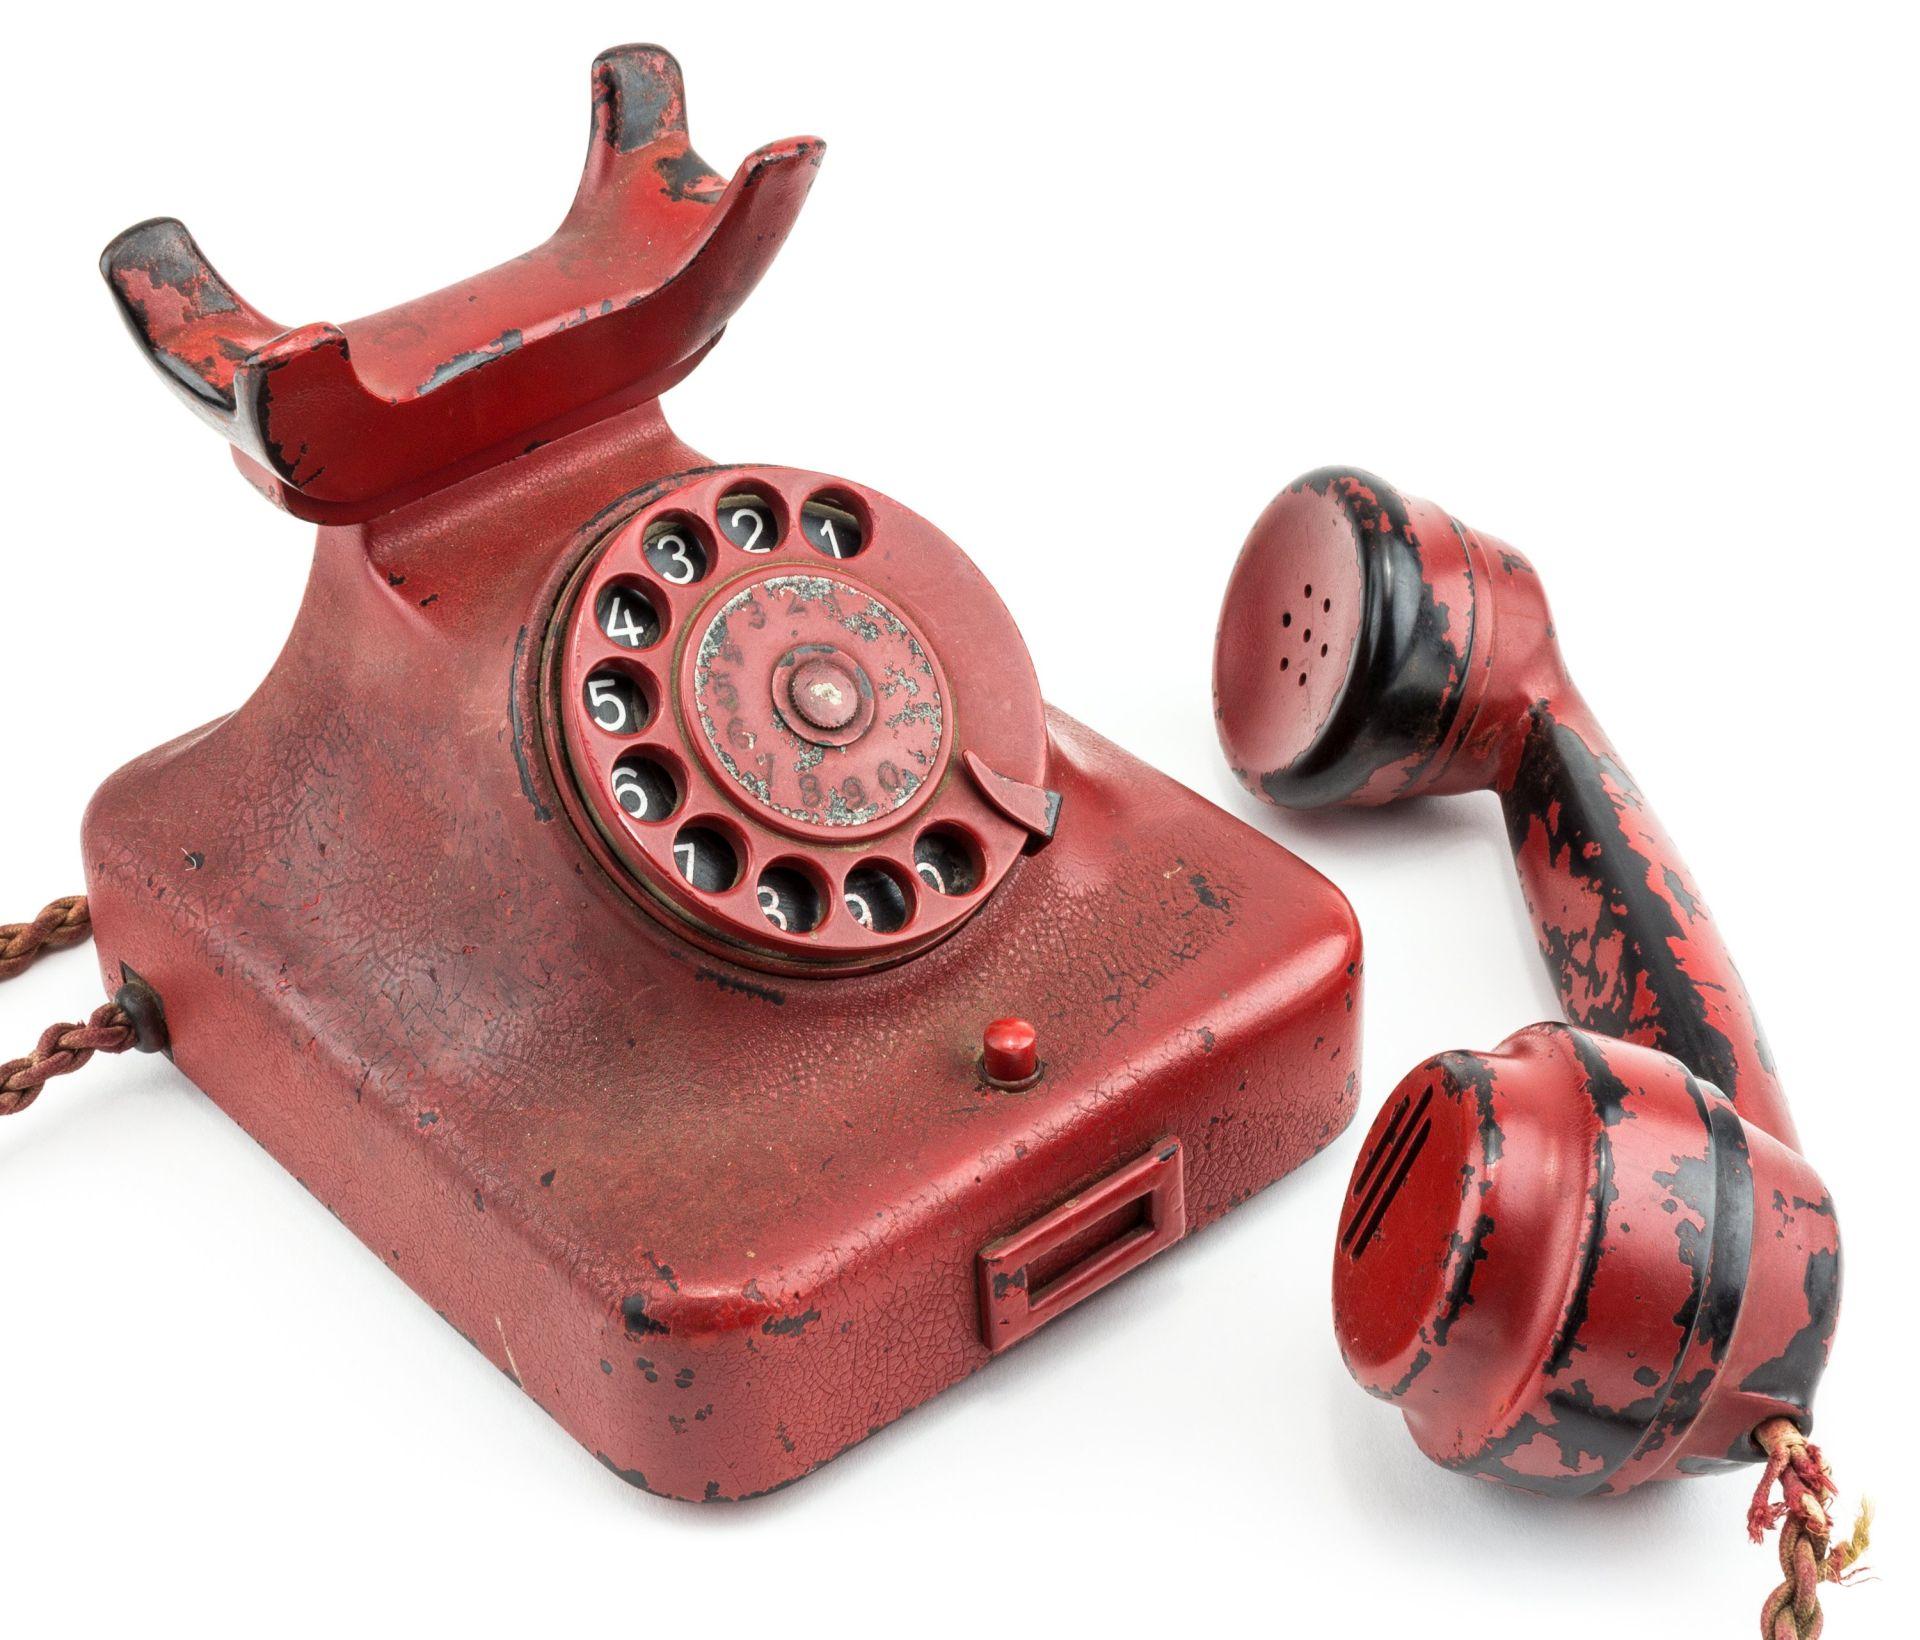 ZA VIŠE OD 400 TISUĆA DOLARA Na aukciji prodan zloglasni Hitlerov crveni telefon